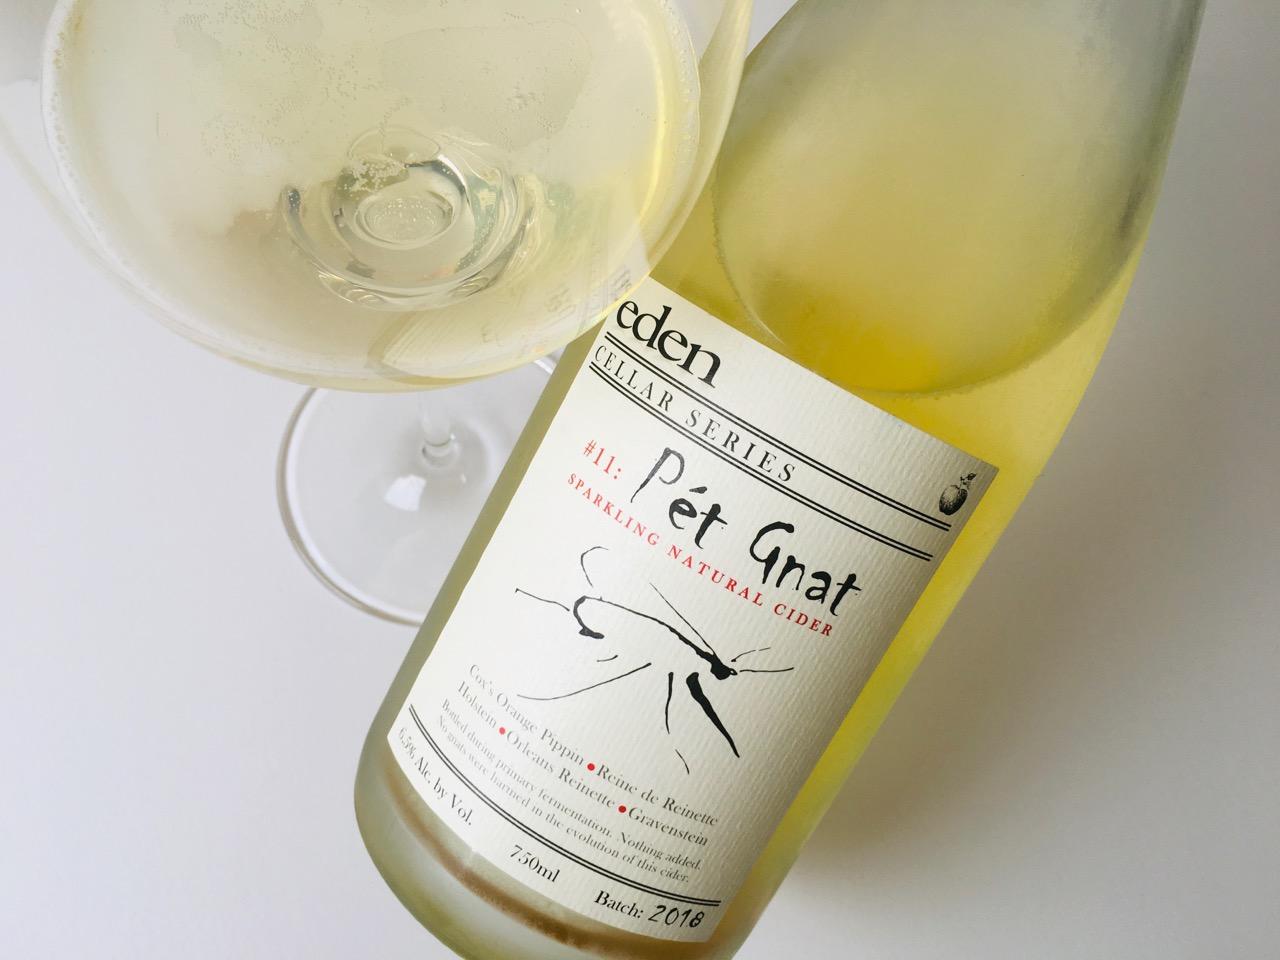 Eden Pét Gnat Sparkling Natural Cider